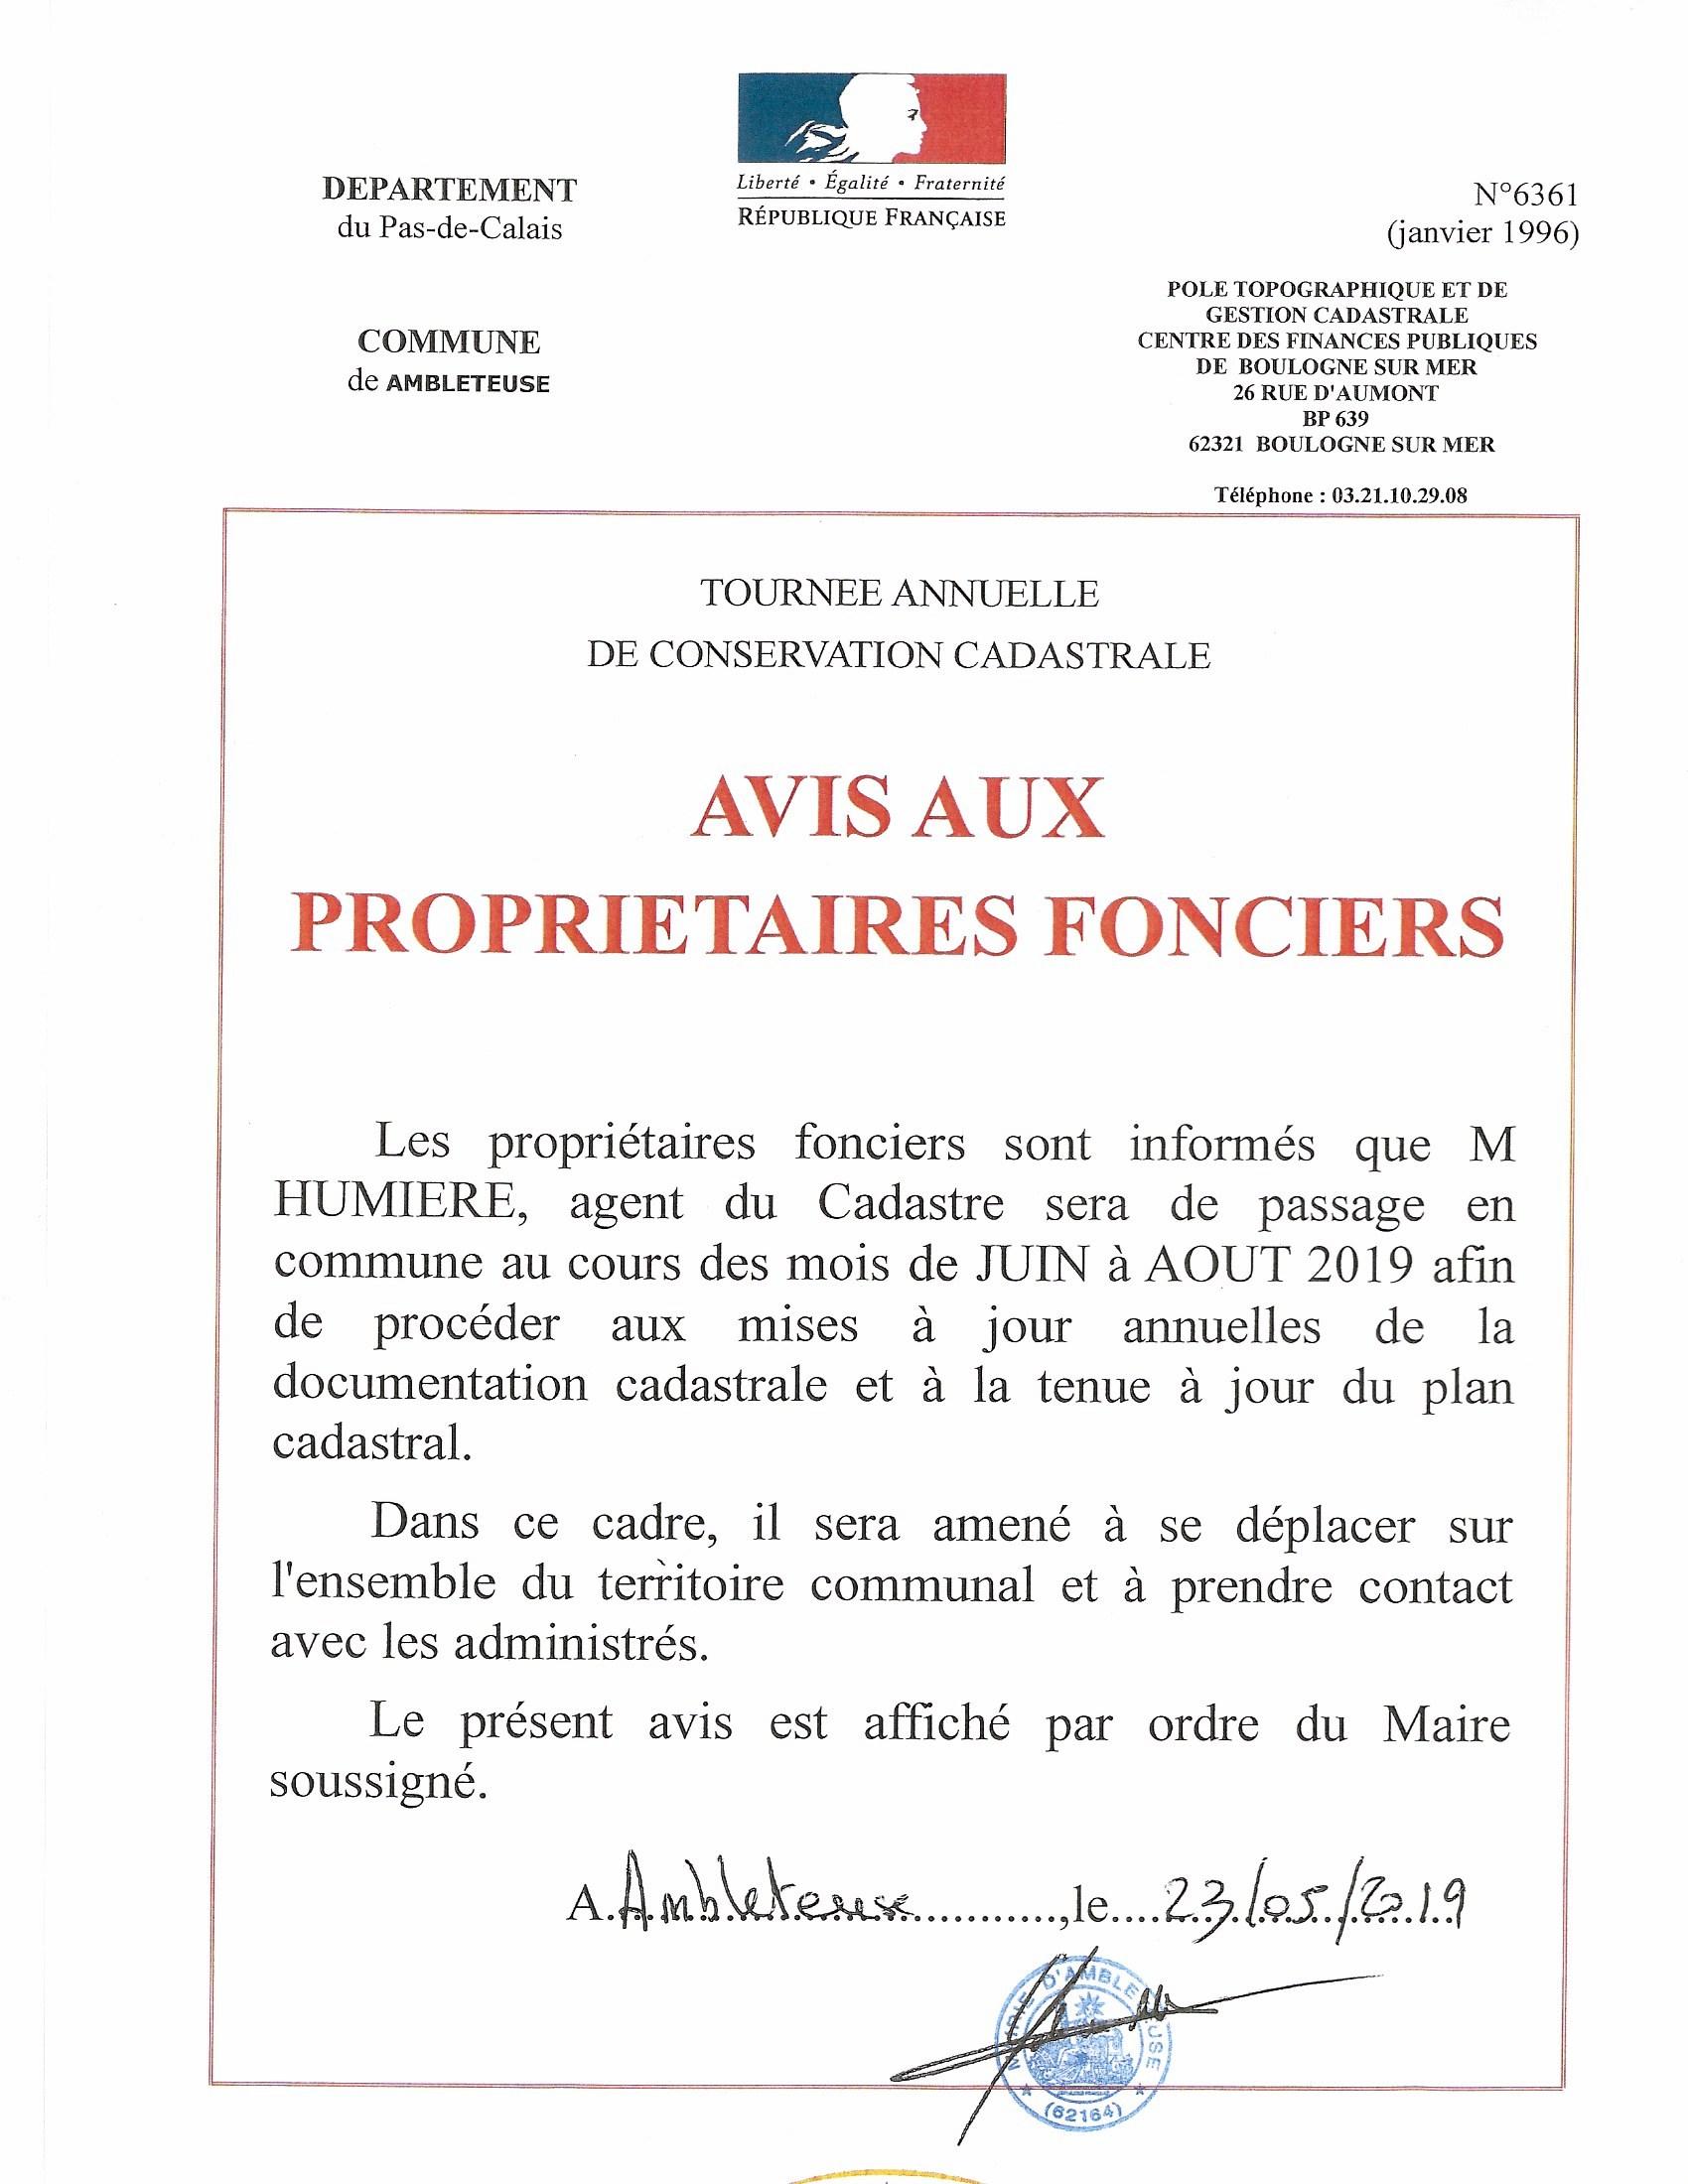 AVIS AUX PROPRIETAIRES FONCIERS.jpg